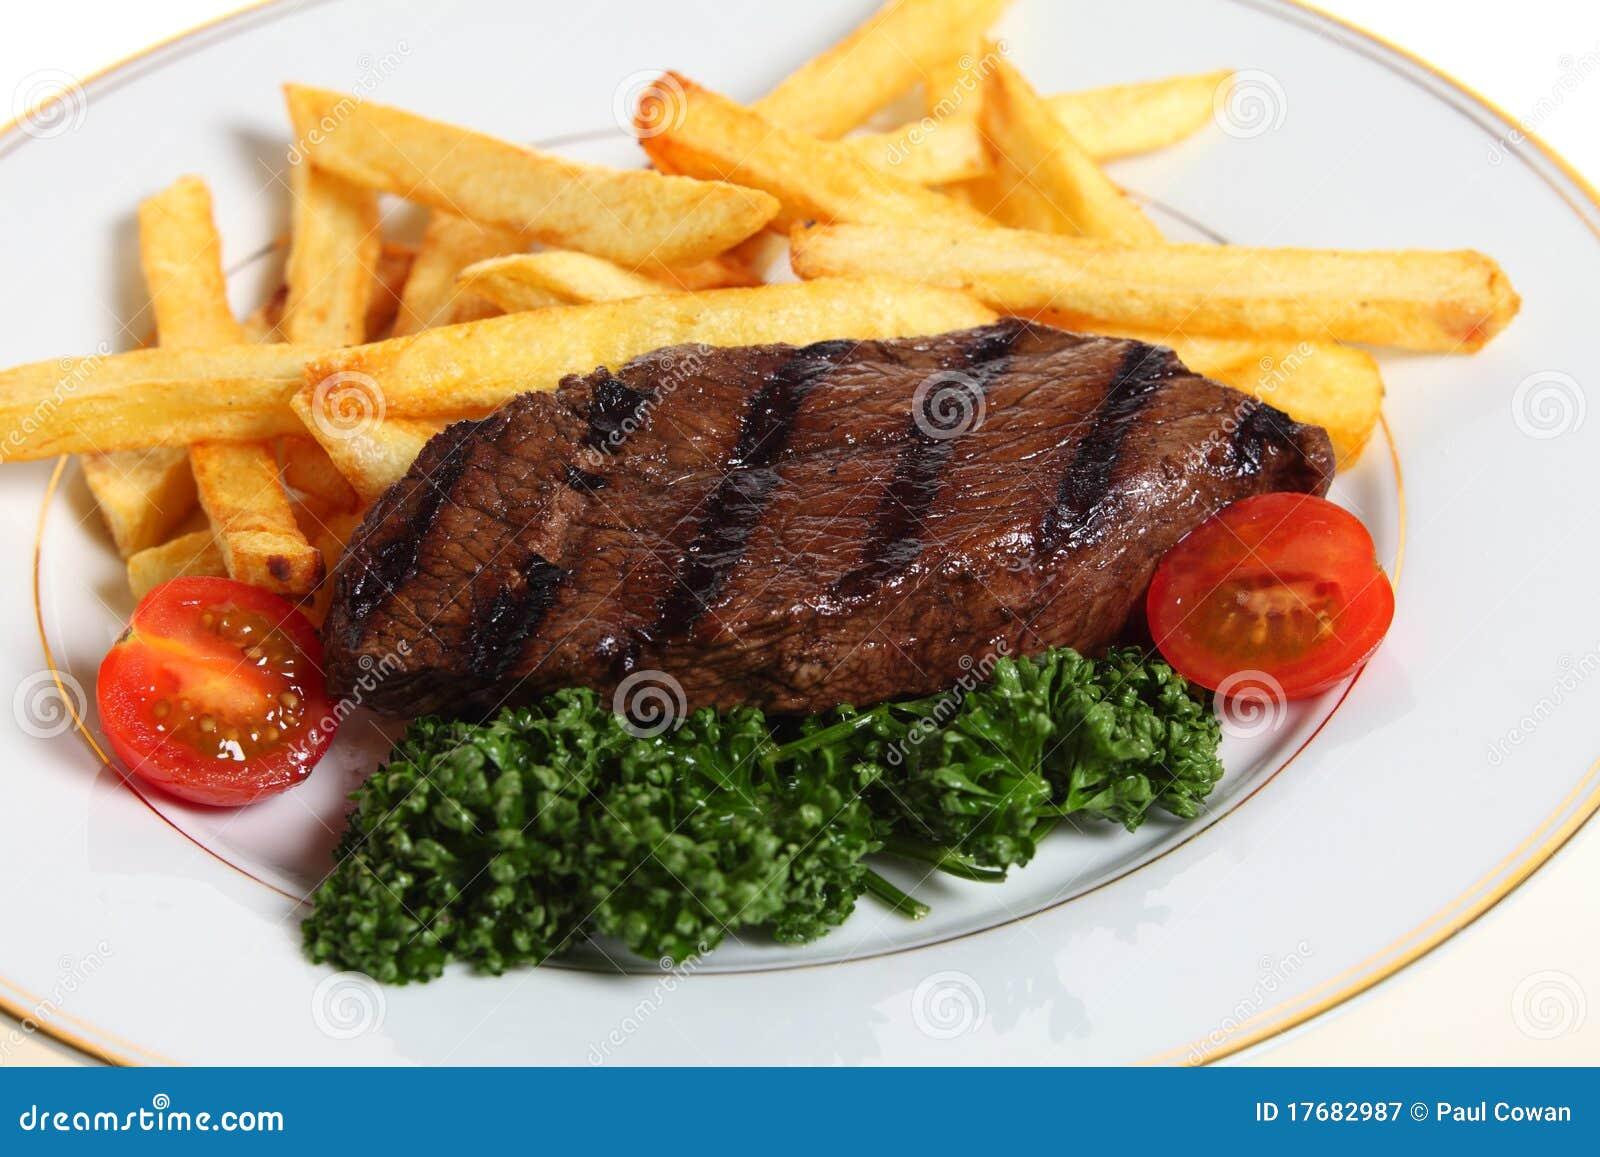 Francuz smaży stek